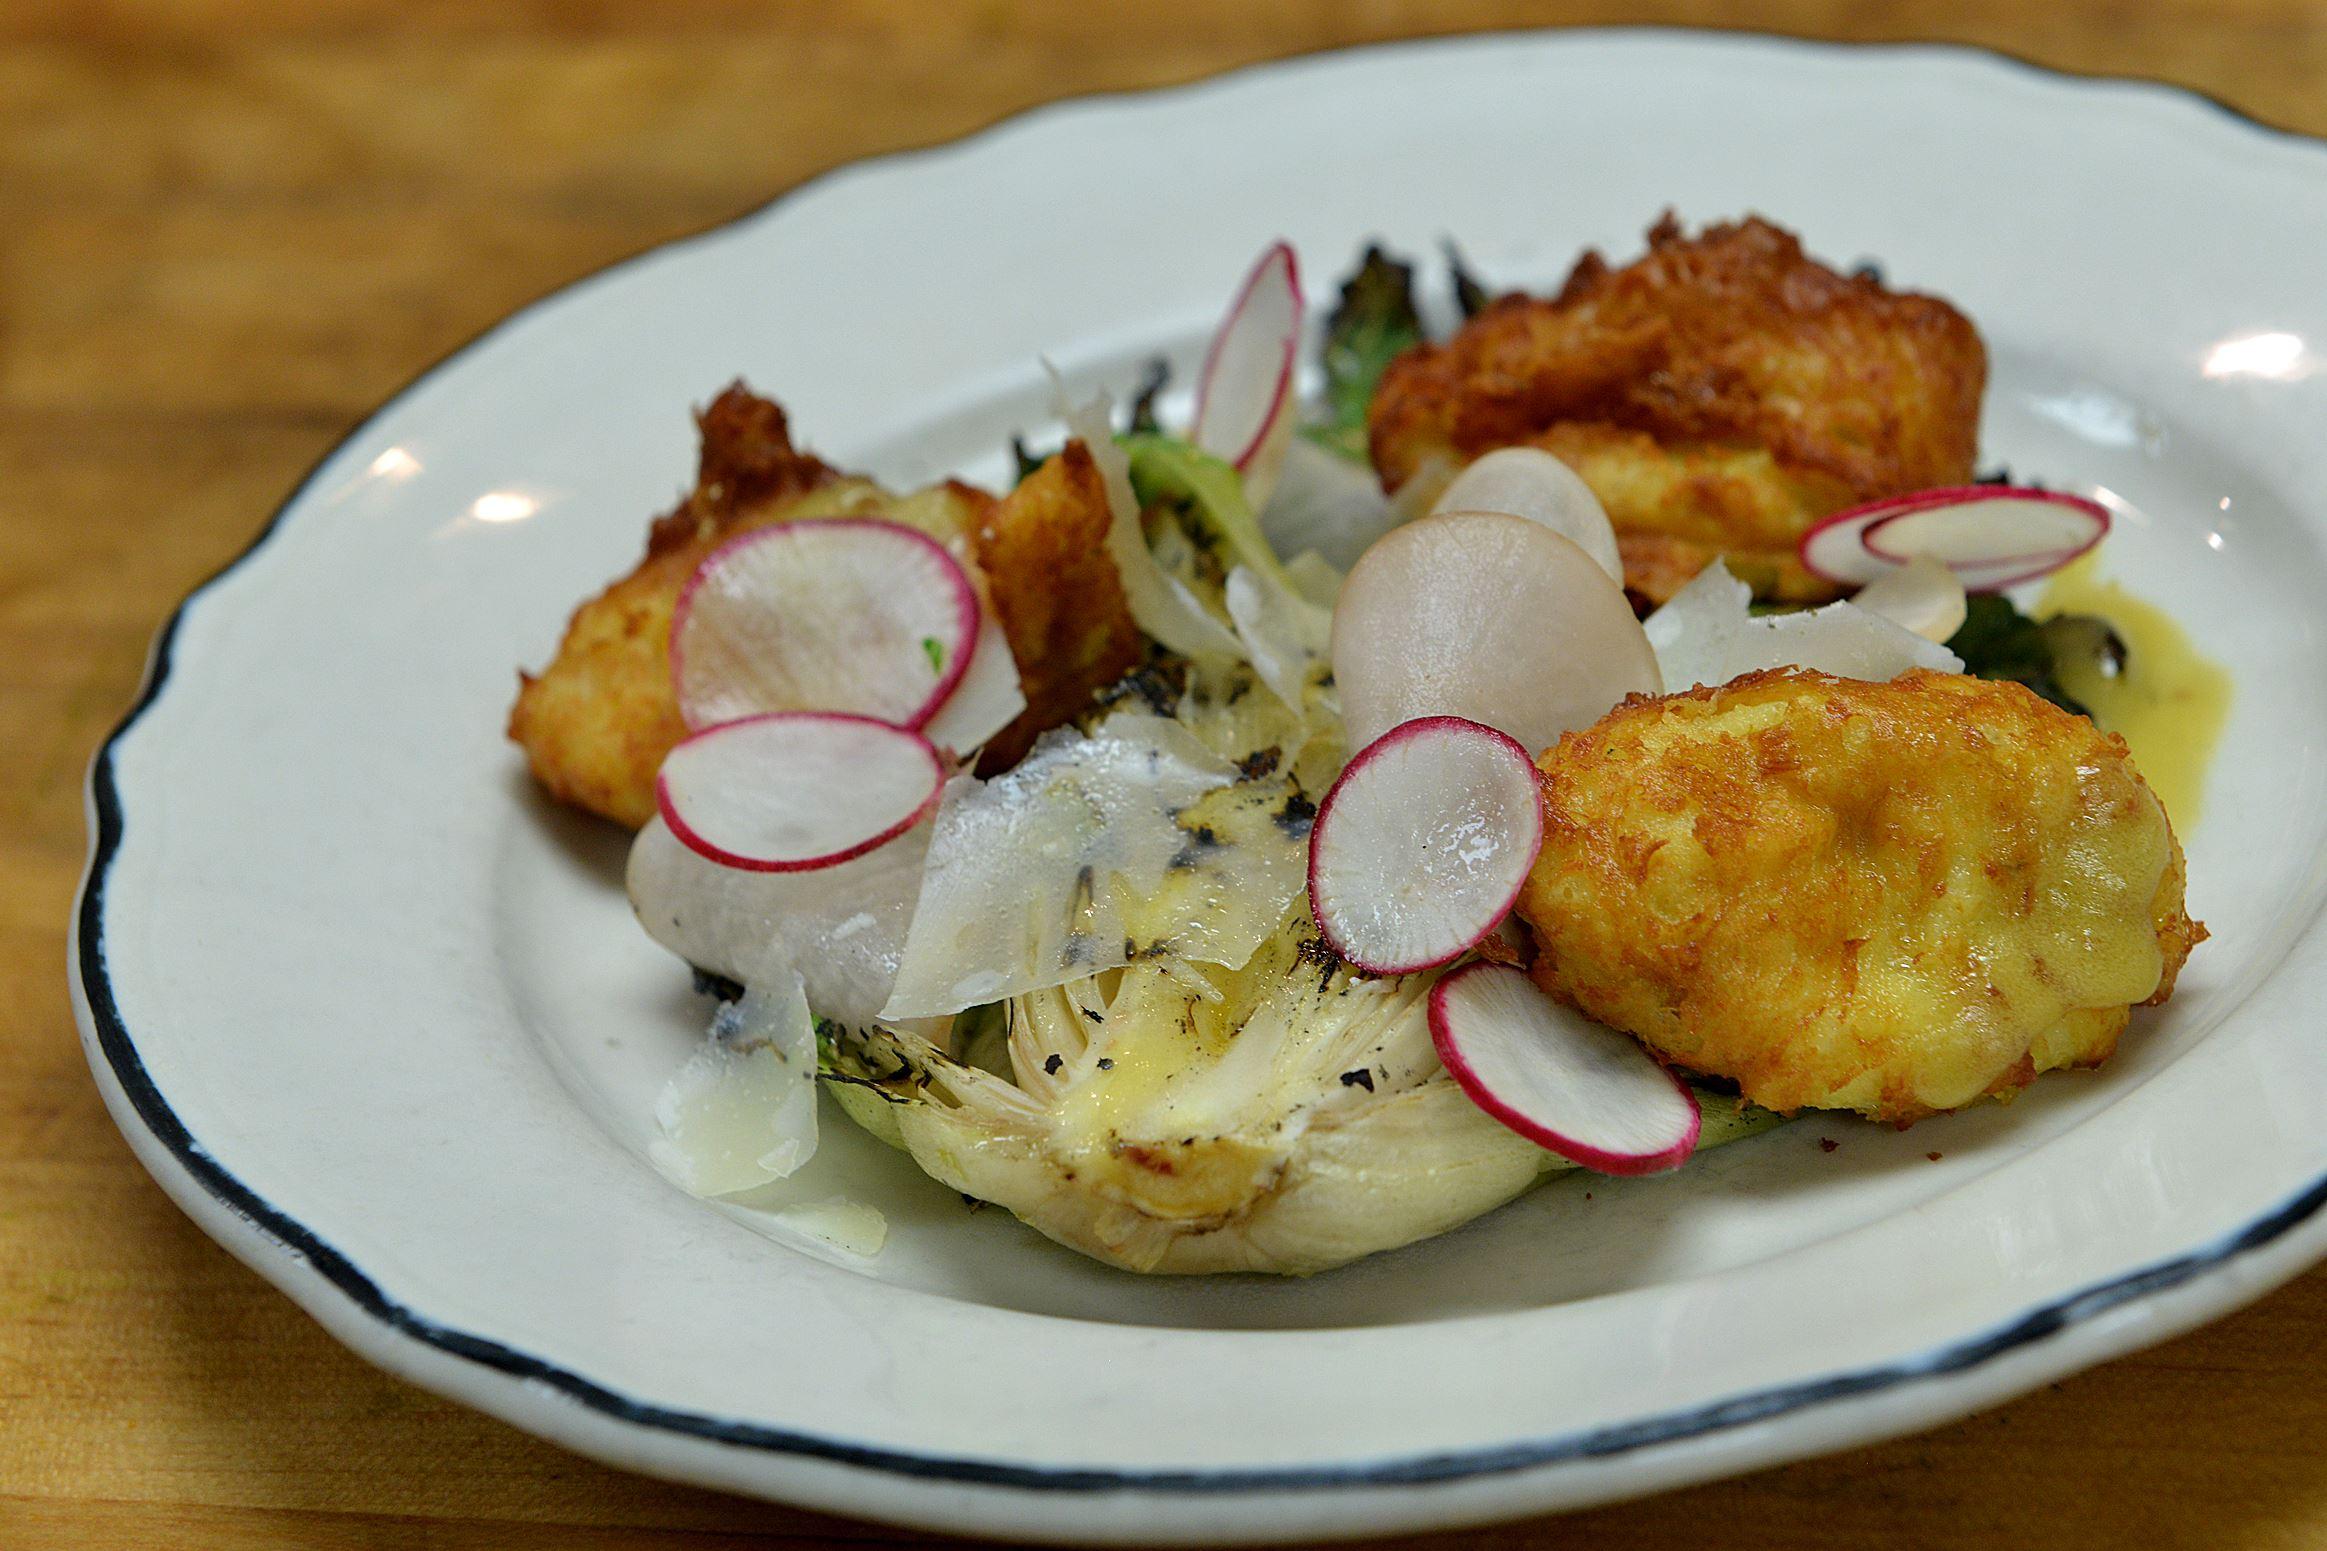 20140701lrlegumedine02-1 Legume in Oakland also serves up a dish of escarole with beignet salad.